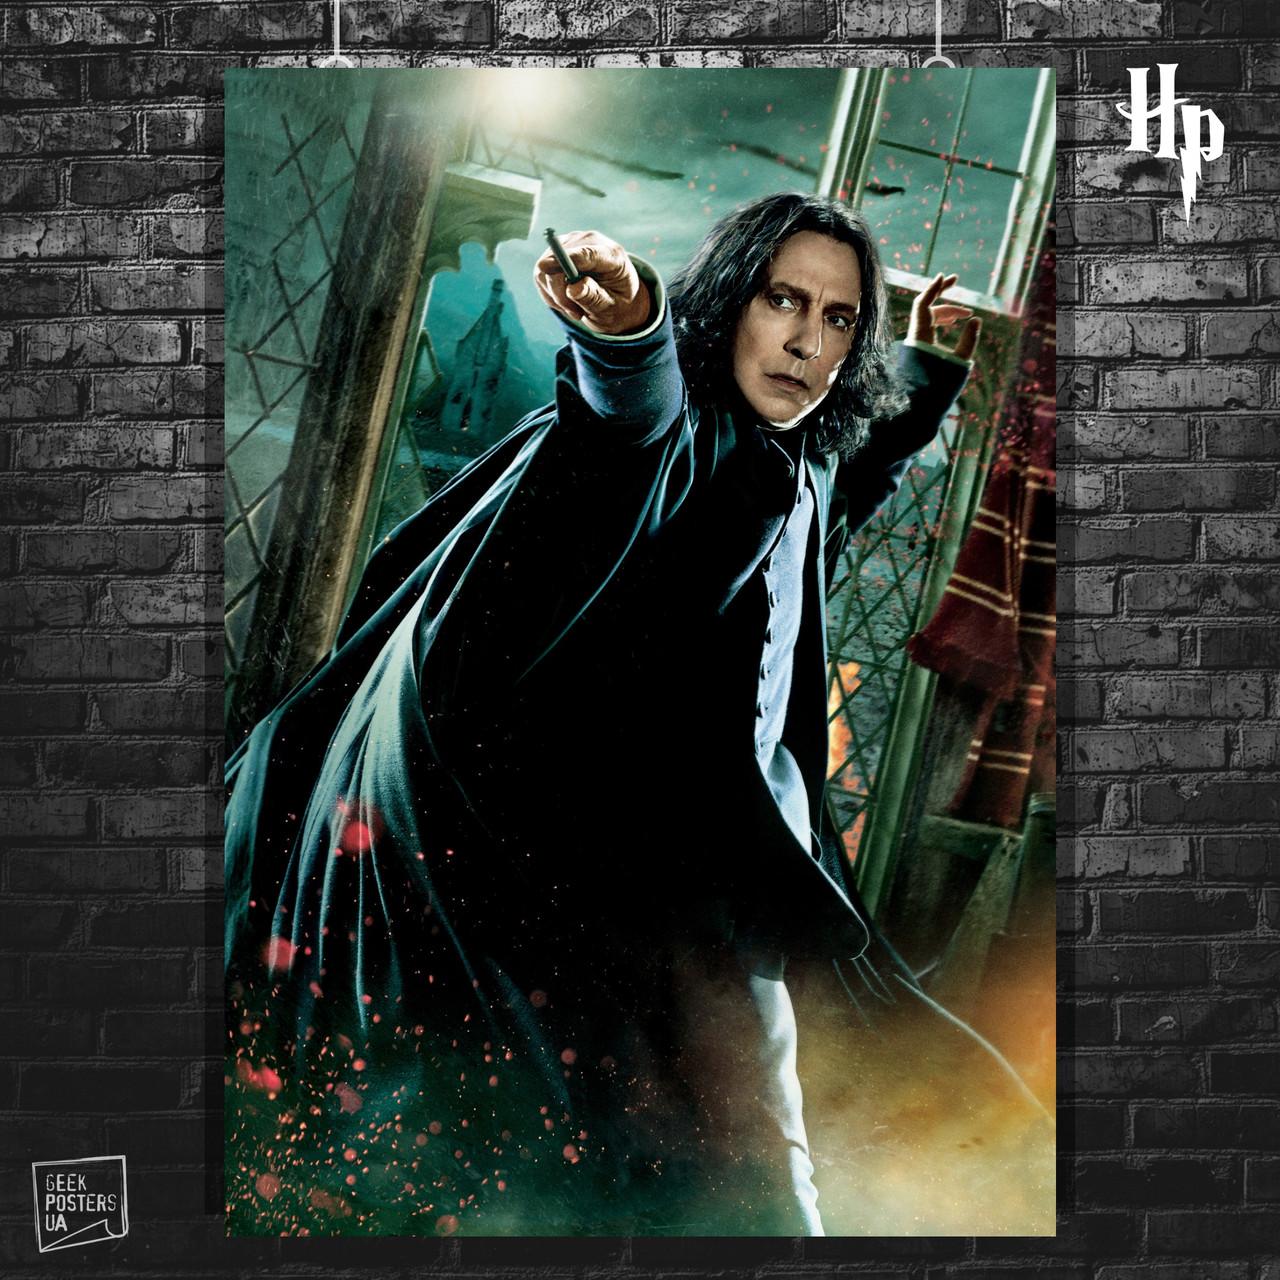 Постер Северус Снейп (Алан Рикман). Гарри Поттер и Дары Смерти, Harry Potter. Размер 60x42см (A2). Глянцевая бумага